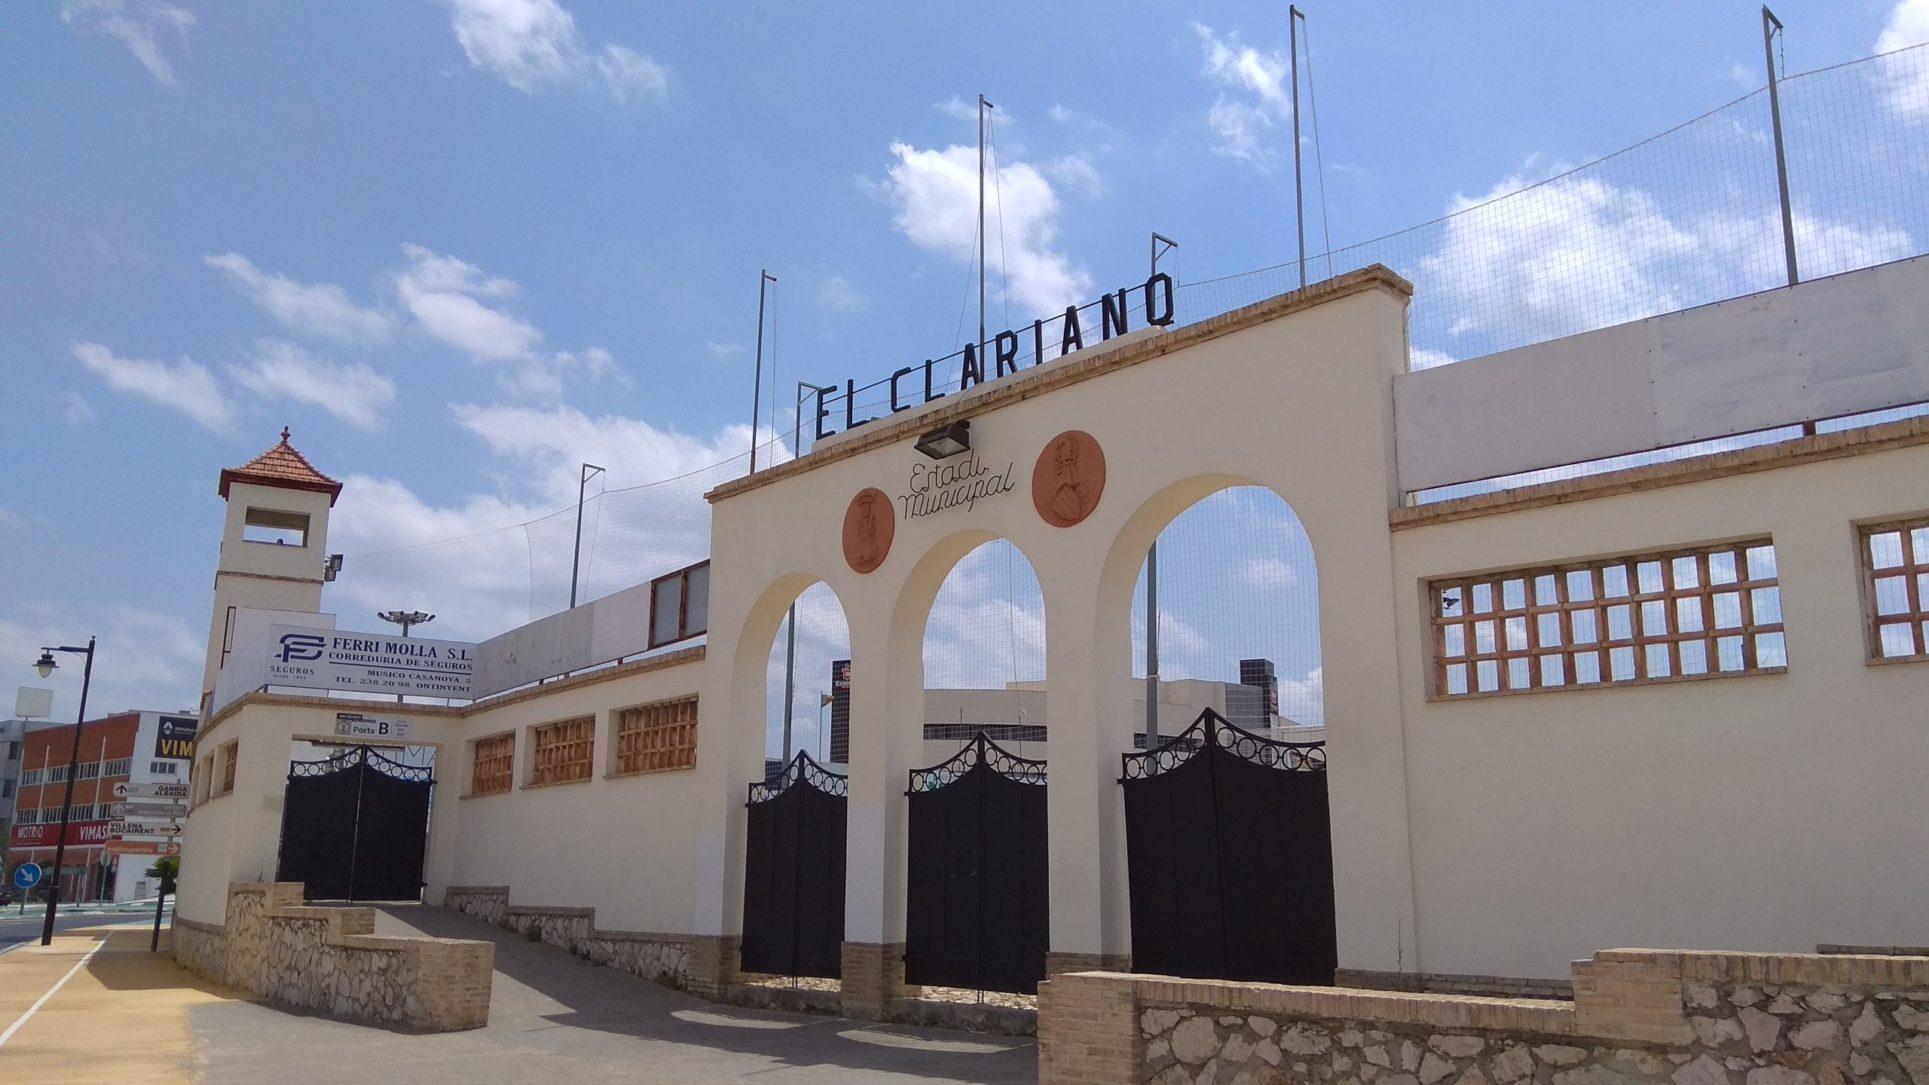 Assemblea extraordinària a l'estadi municipal El Clariano El Periòdic d'Ontinyent